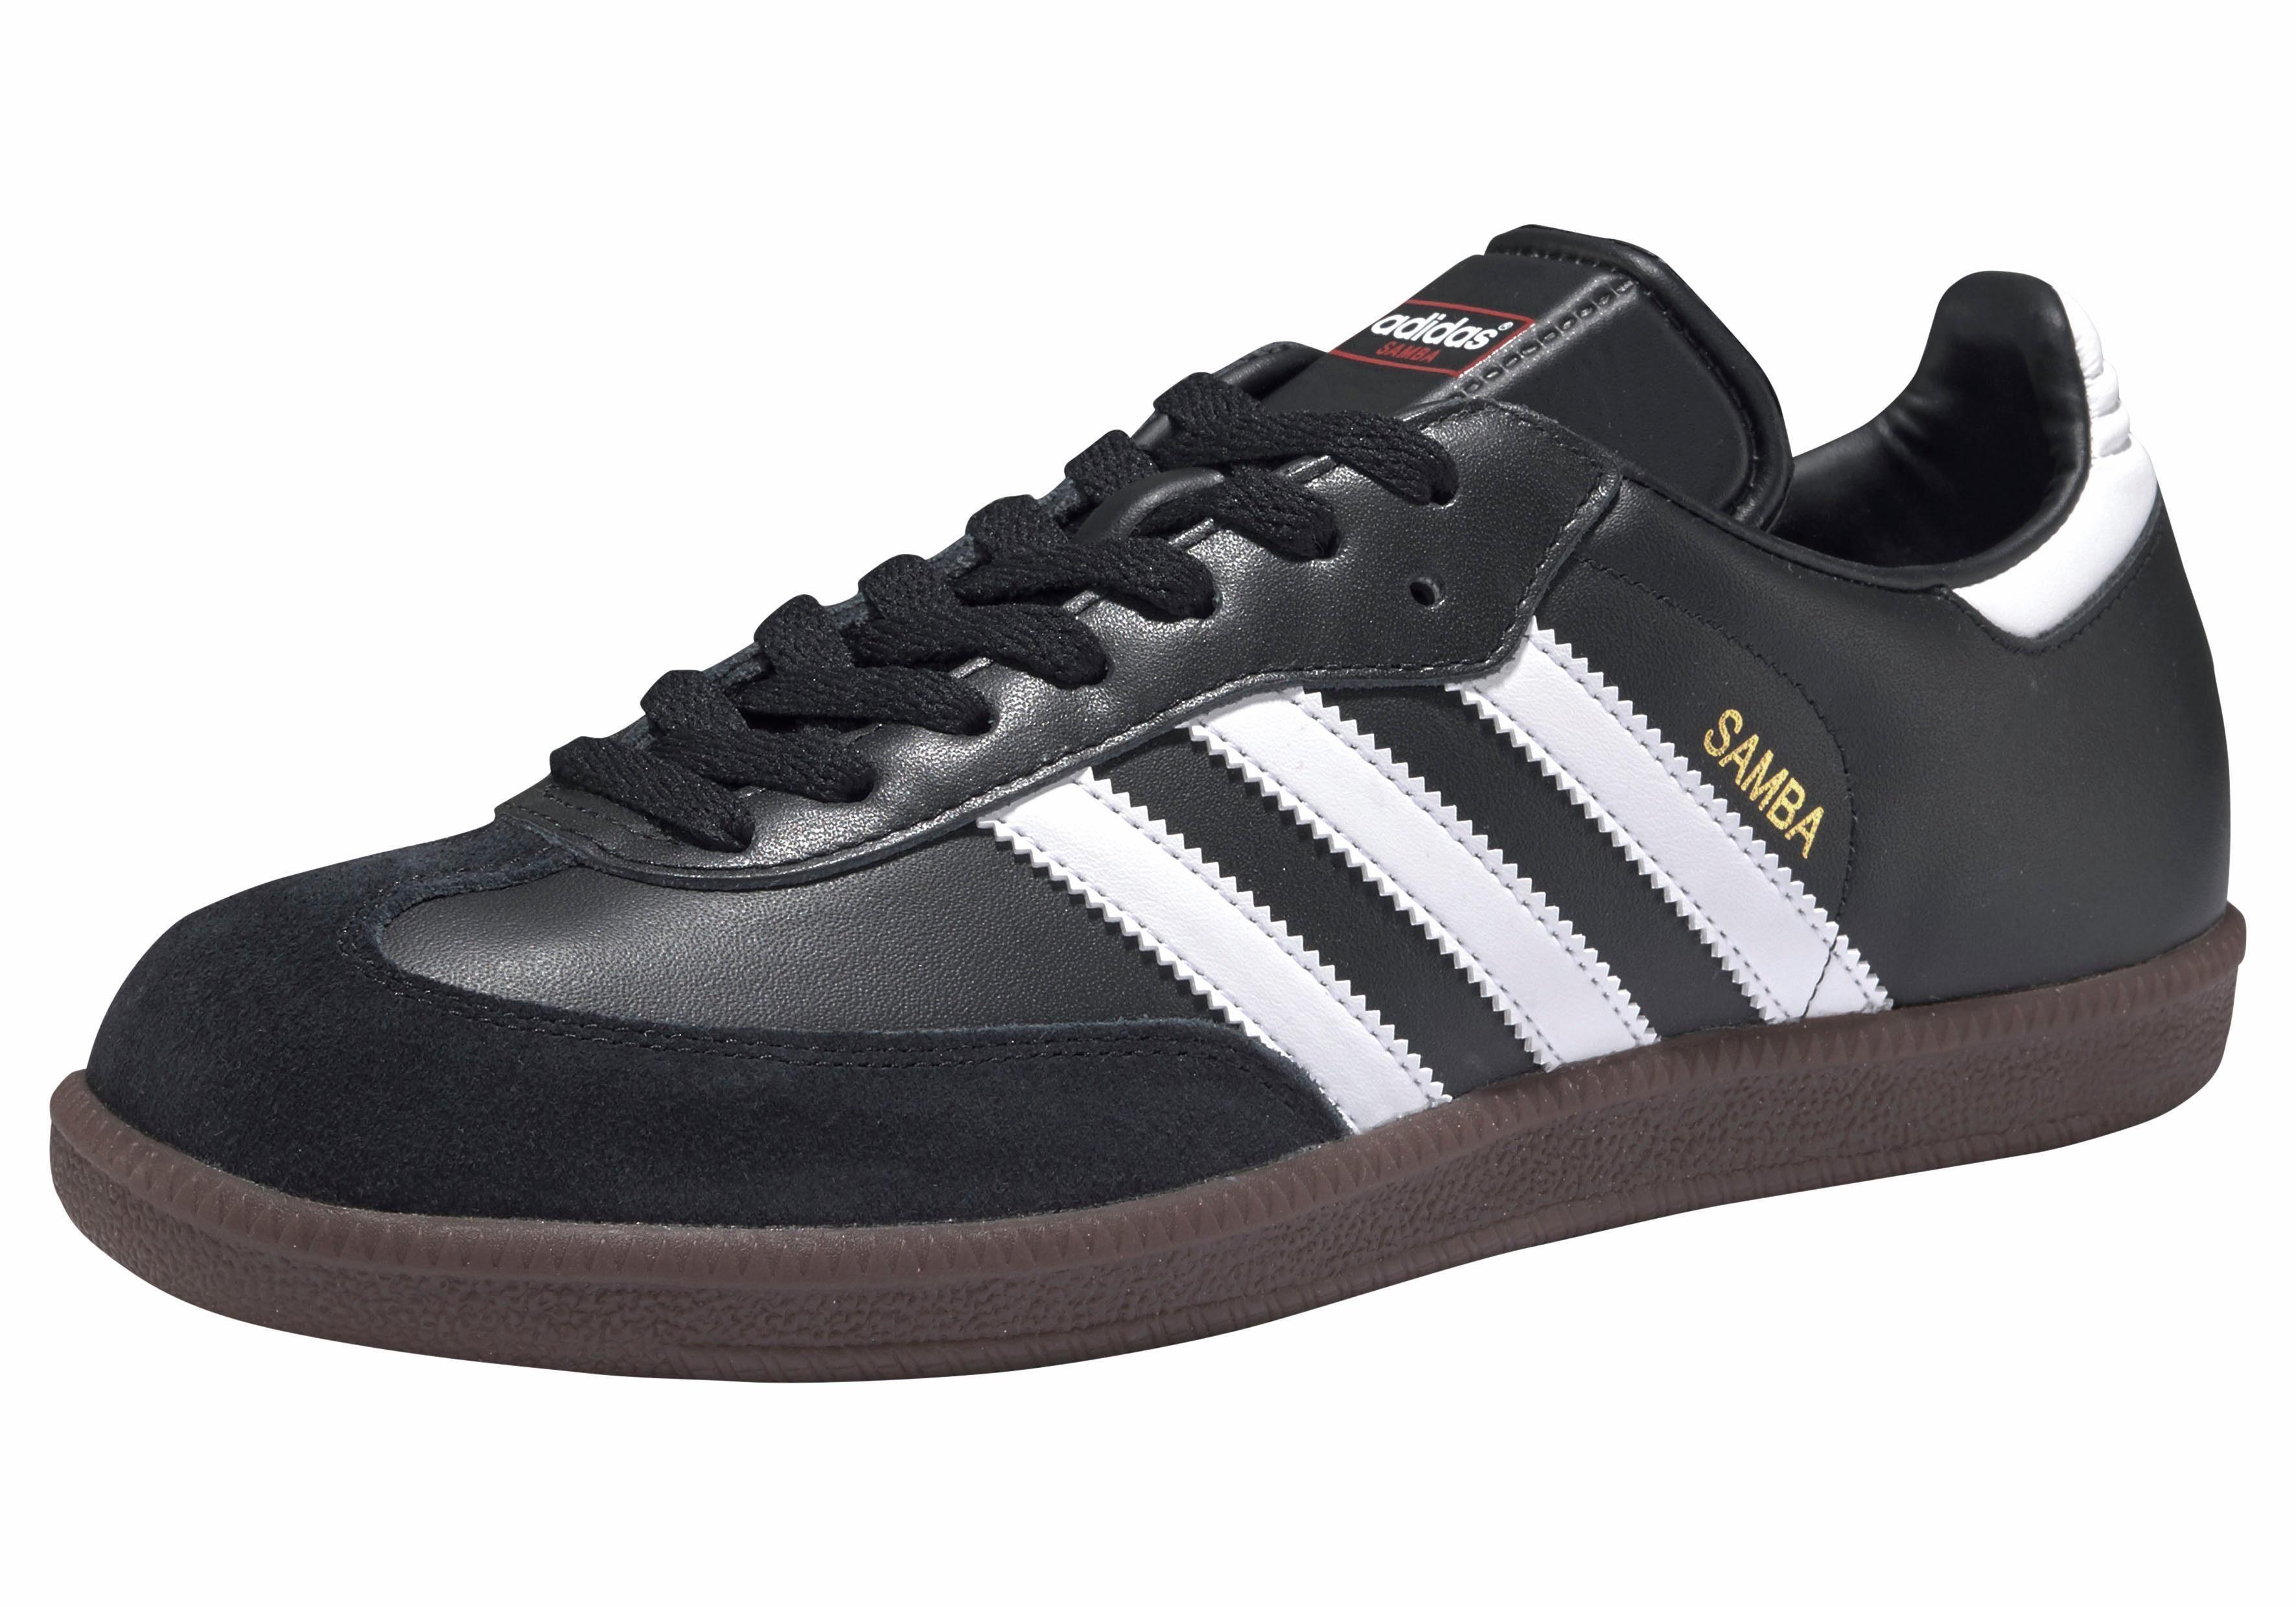 kaufenOTTO online SneakerKlasssicher adidas Sneaker adidas Performance von »Samba« 76IgbvfyY